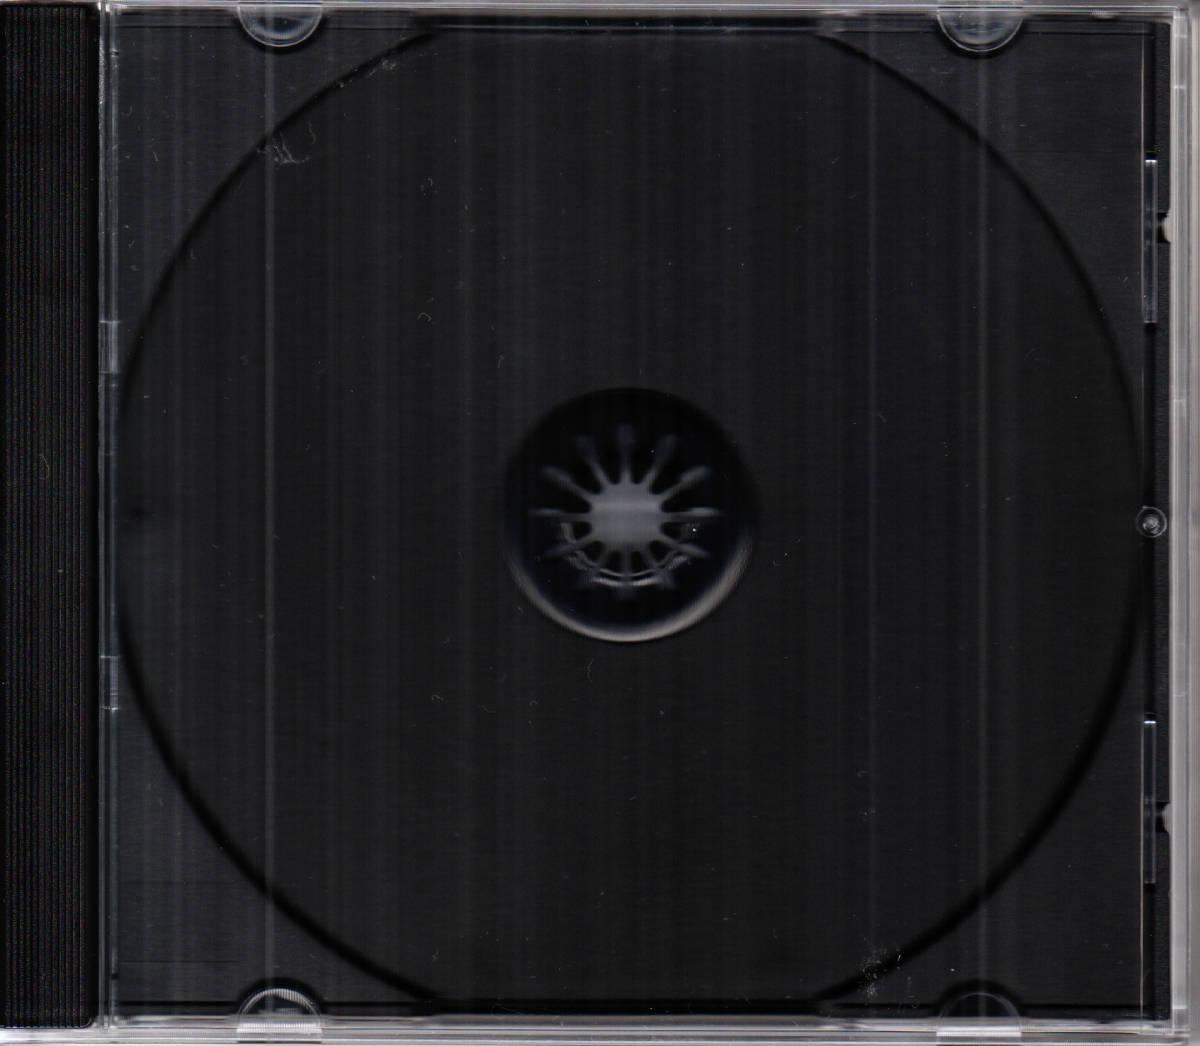 87年オリジナル盤 佐藤博 - FUTURE FILE「32XA-158」ケース新品 土日祝日も迅速発送/164円で4枚発送可能_画像3